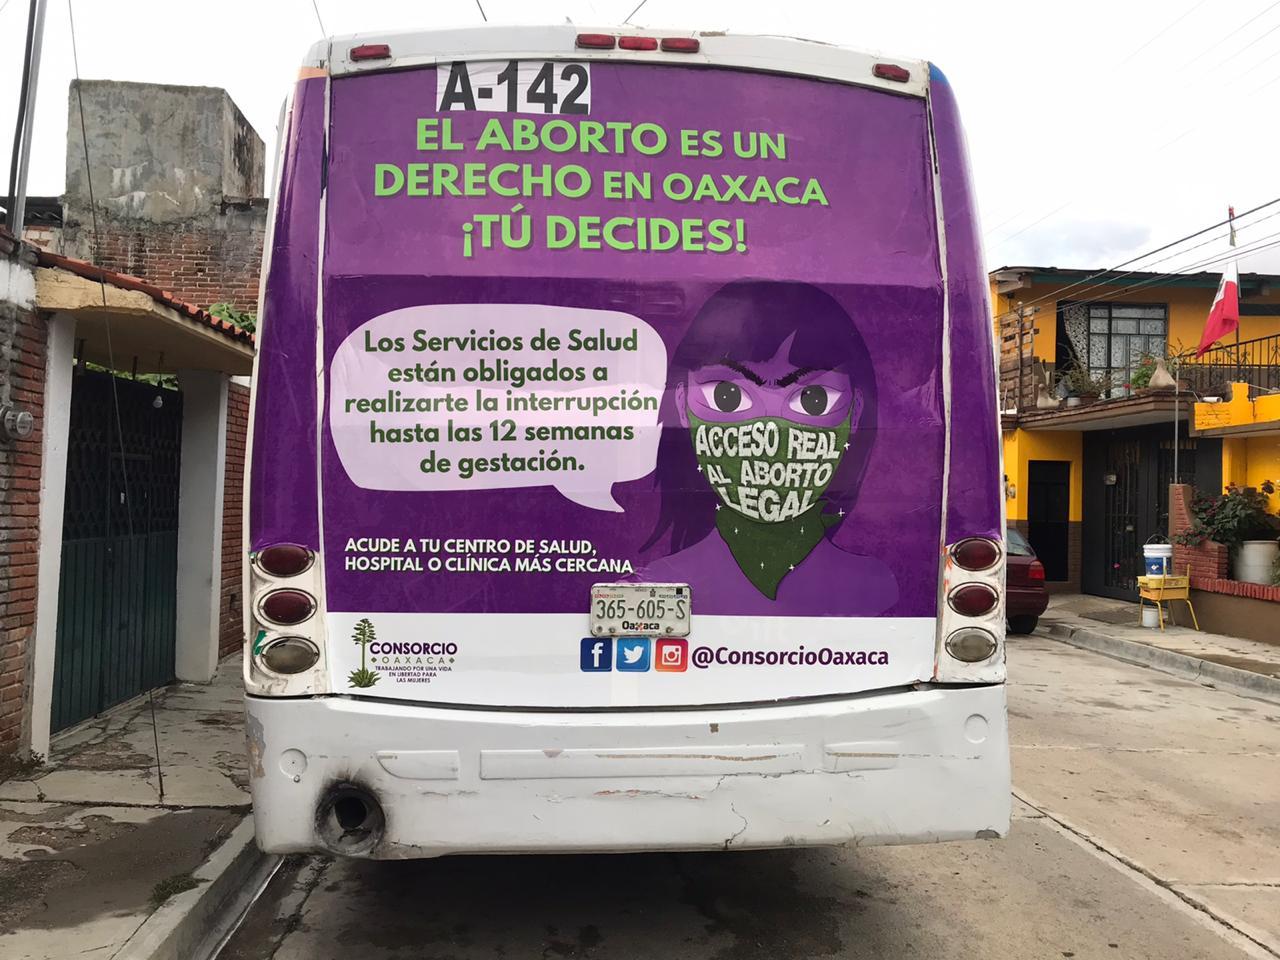 Consorcio Oaxaca continúa campaña por el acceso real al aborto legal